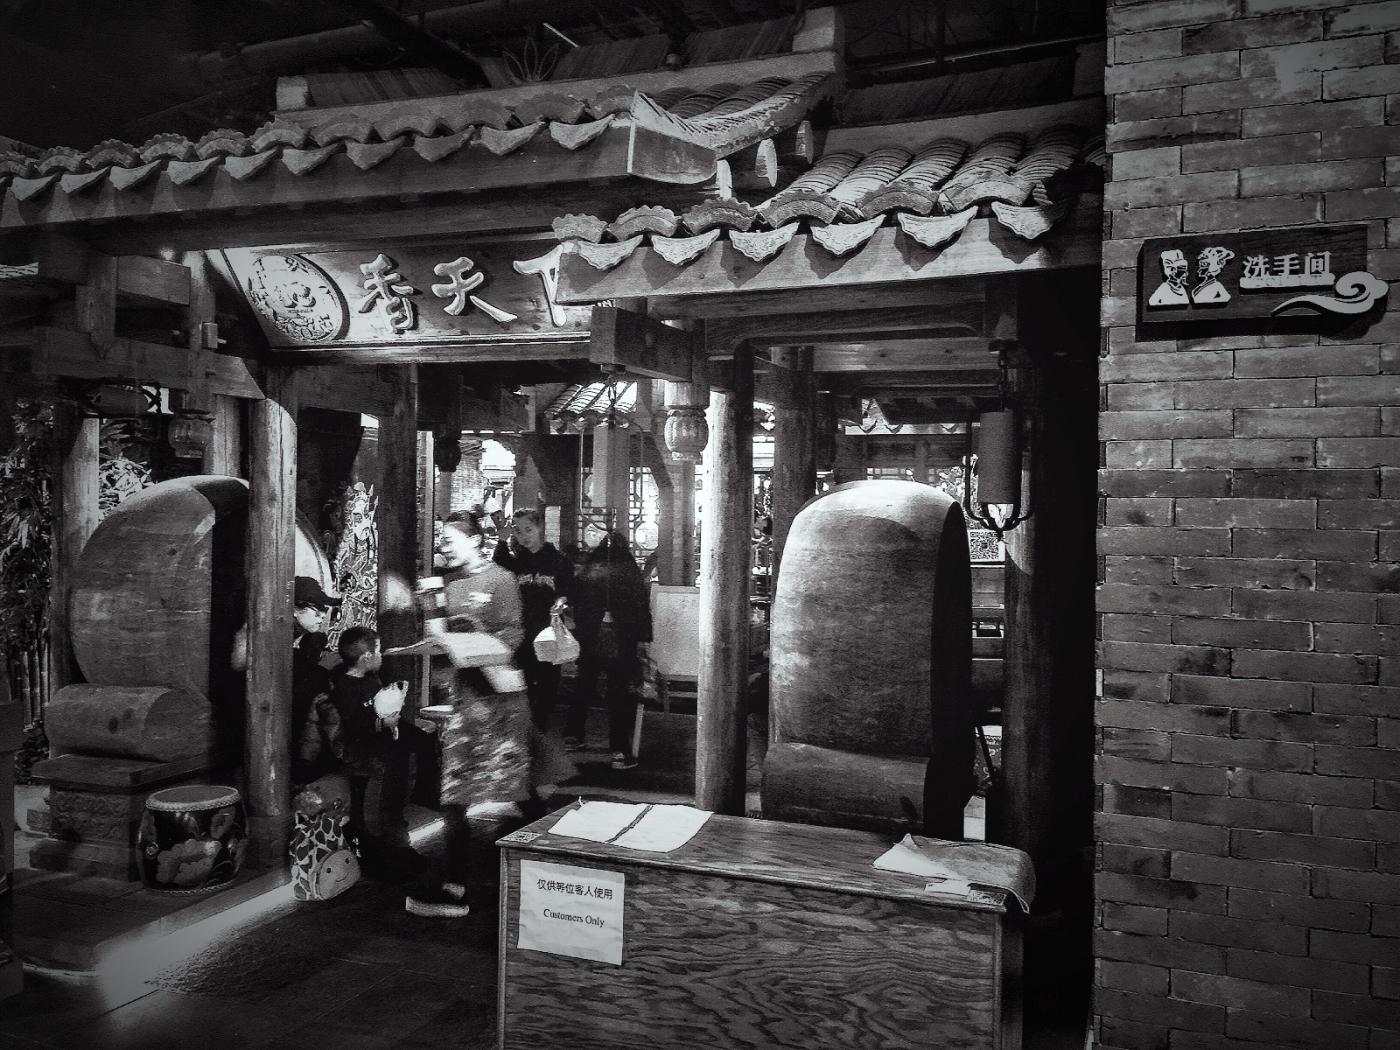 【盲流摄影】纽约法拉盛的中餐馆品味在提升-手机摄影_图1-39